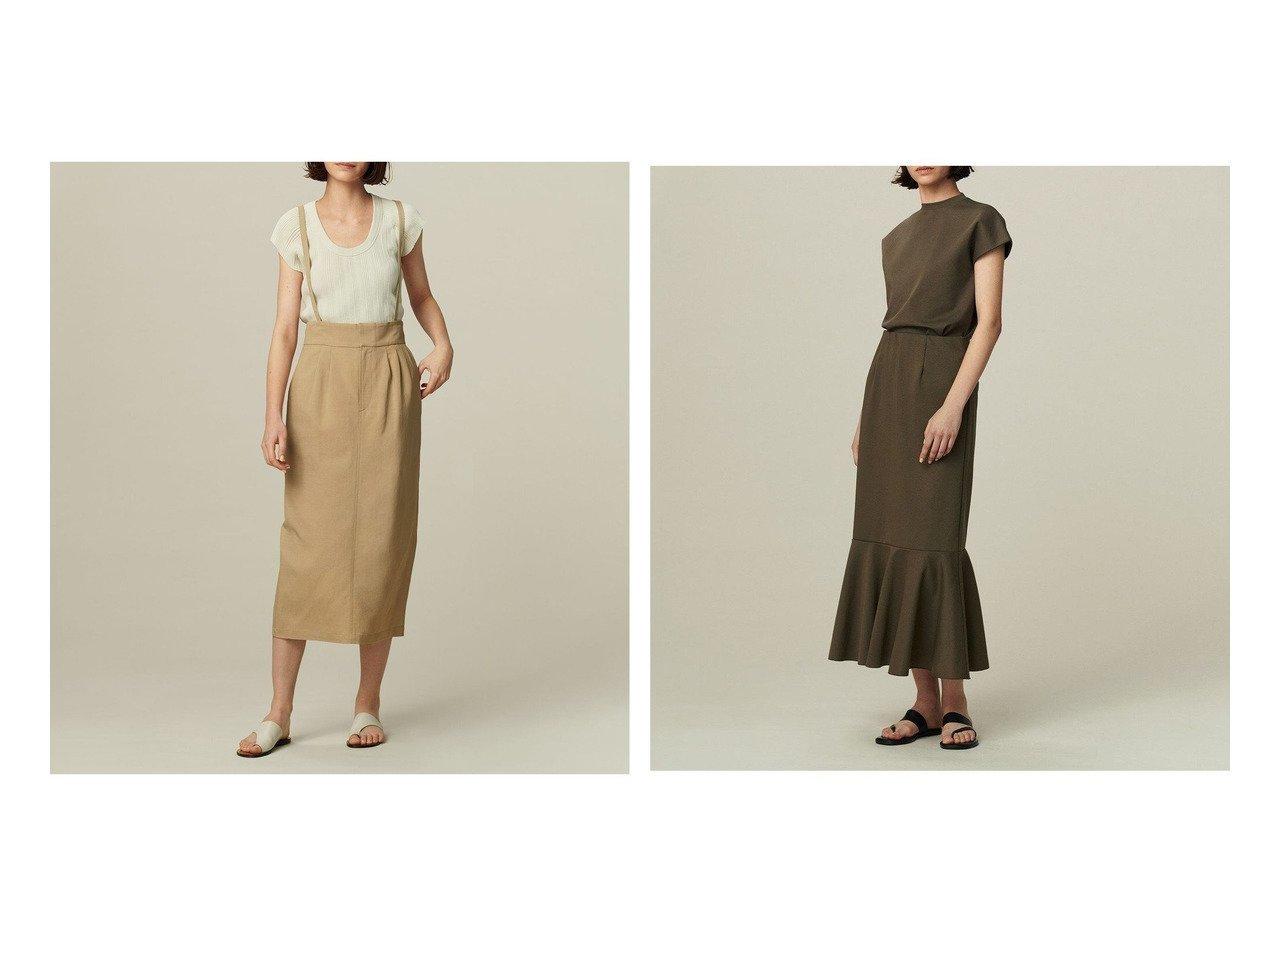 【uncrave/アンクレイヴ】のダブルフェイスジャージー マーメイドスカート&クリスピーリネン サスペンダースカート 【スカート】おすすめ!人気、トレンド・レディースファッションの通販  おすすめで人気の流行・トレンド、ファッションの通販商品 メンズファッション・キッズファッション・インテリア・家具・レディースファッション・服の通販 founy(ファニー) https://founy.com/ ファッション Fashion レディースファッション WOMEN スカート Skirt オックス 春 Spring 秋 Autumn/Fall サスペンダー ストレッチ 雑誌 定番 Standard 人気 フラップ ポケット 2021年 2021 再入荷 Restock/Back in Stock/Re Arrival S/S・春夏 SS・Spring/Summer 2021春夏・S/S SS/Spring/Summer/2021 送料無料 Free Shipping 日本製 Made in Japan シルケット ジャージー セットアップ マーメイド |ID:crp329100000033949